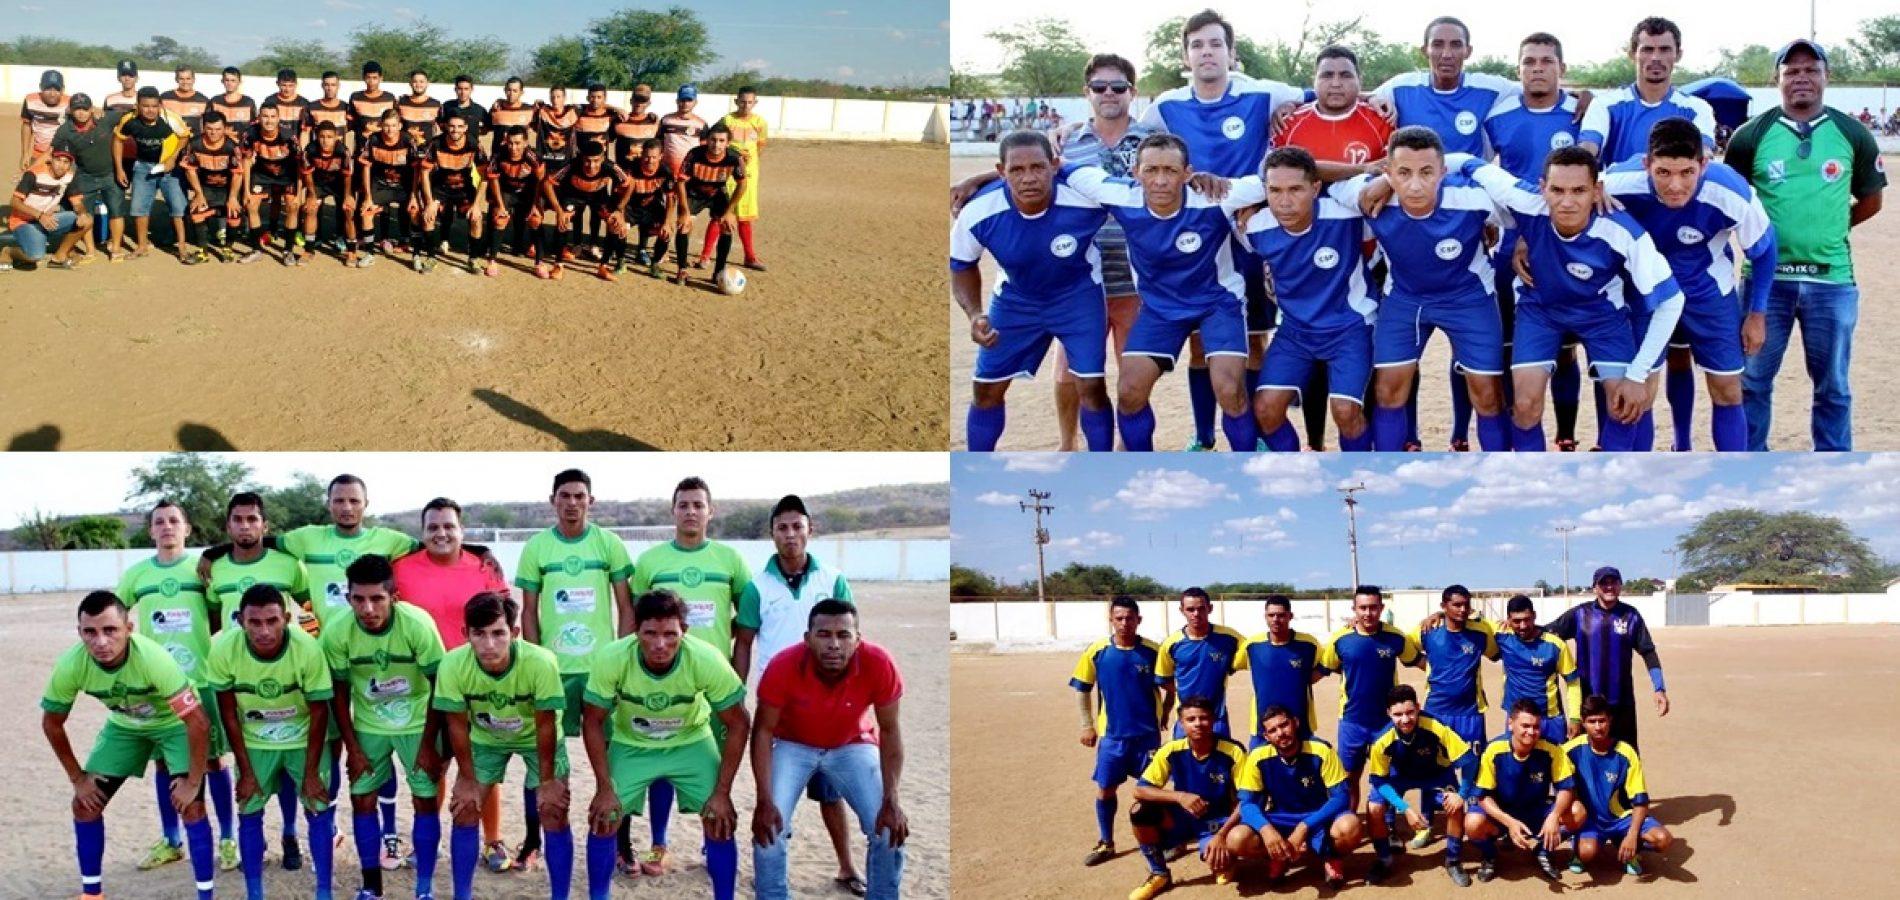 Prefeitura de Pio IX abre a III Copa Adauto Júnior de Futebol; veja os resultados da 1ª rodada